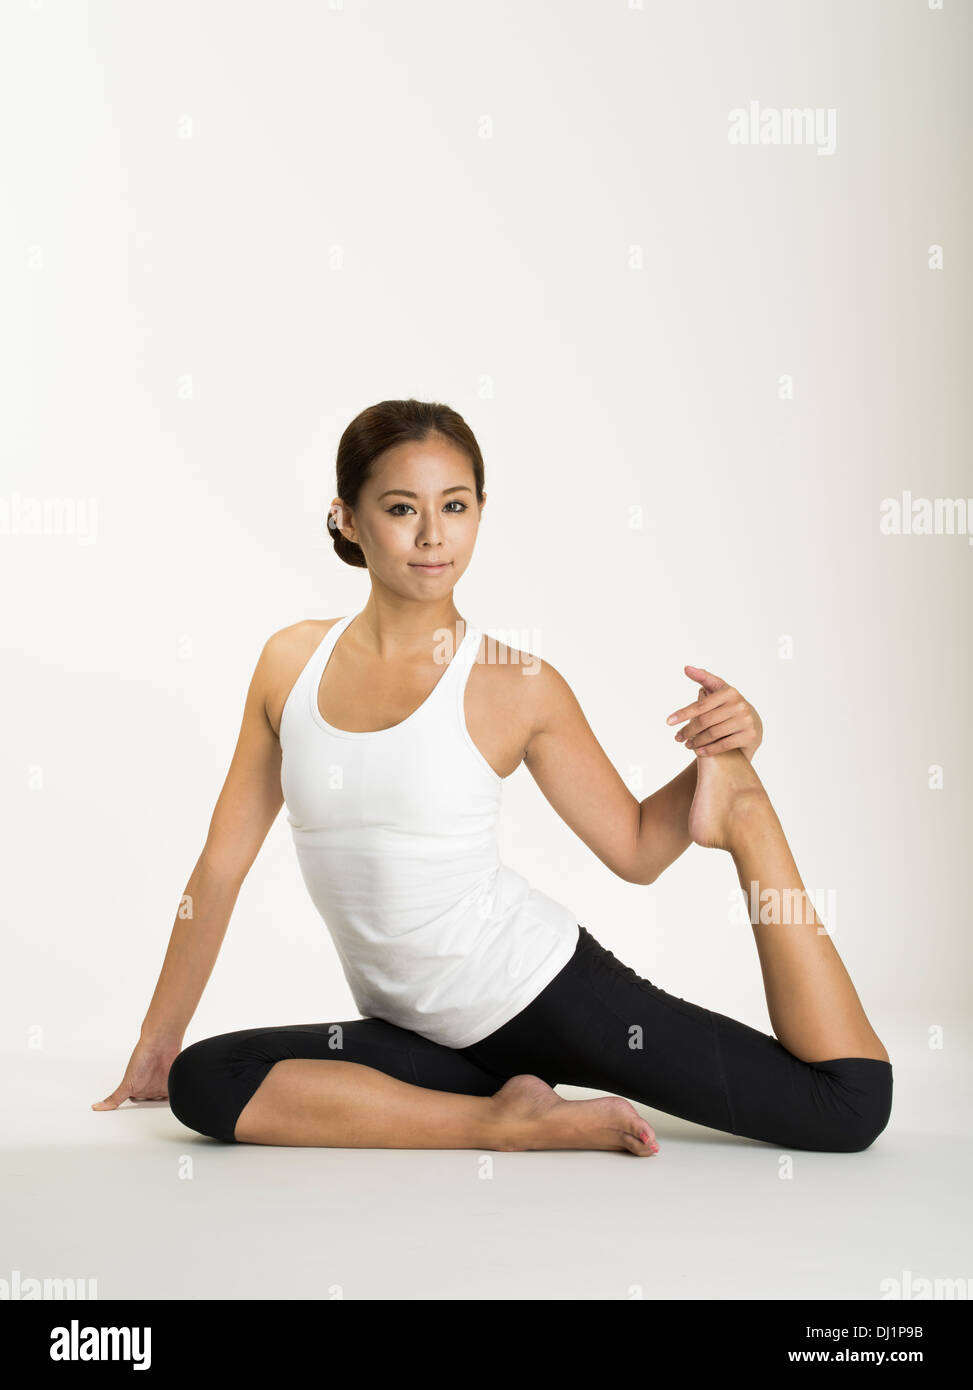 Mujer japonesa prácticas de yoga, meditación, estiramientos y mindfulness para lograr salud física y espiritual Imagen De Stock